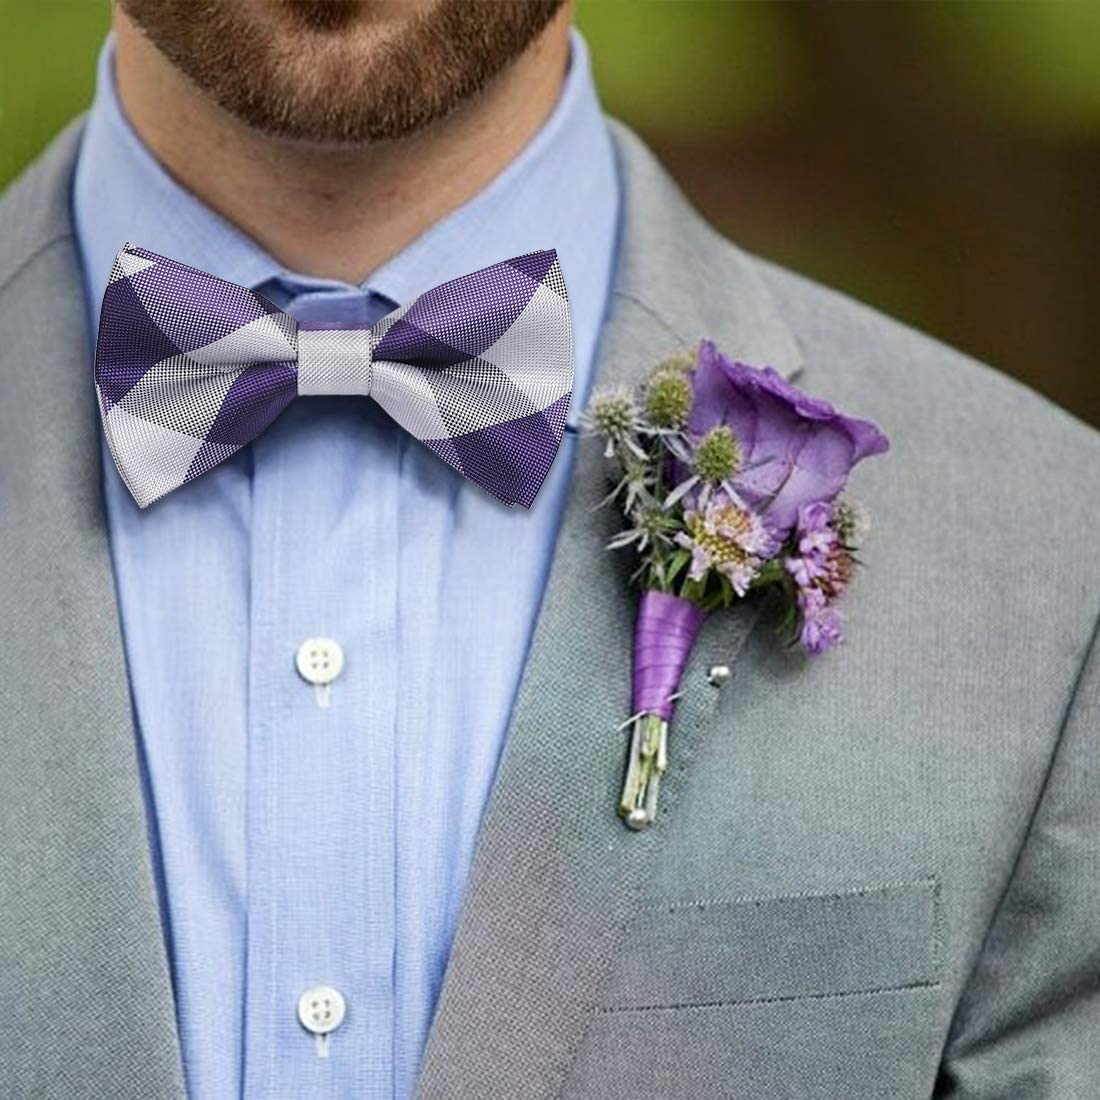 HISDERN Formelle Fliege Classic Check Polka Dot Pre-Tied Hochzeit Parrty einstellbar Bowtie